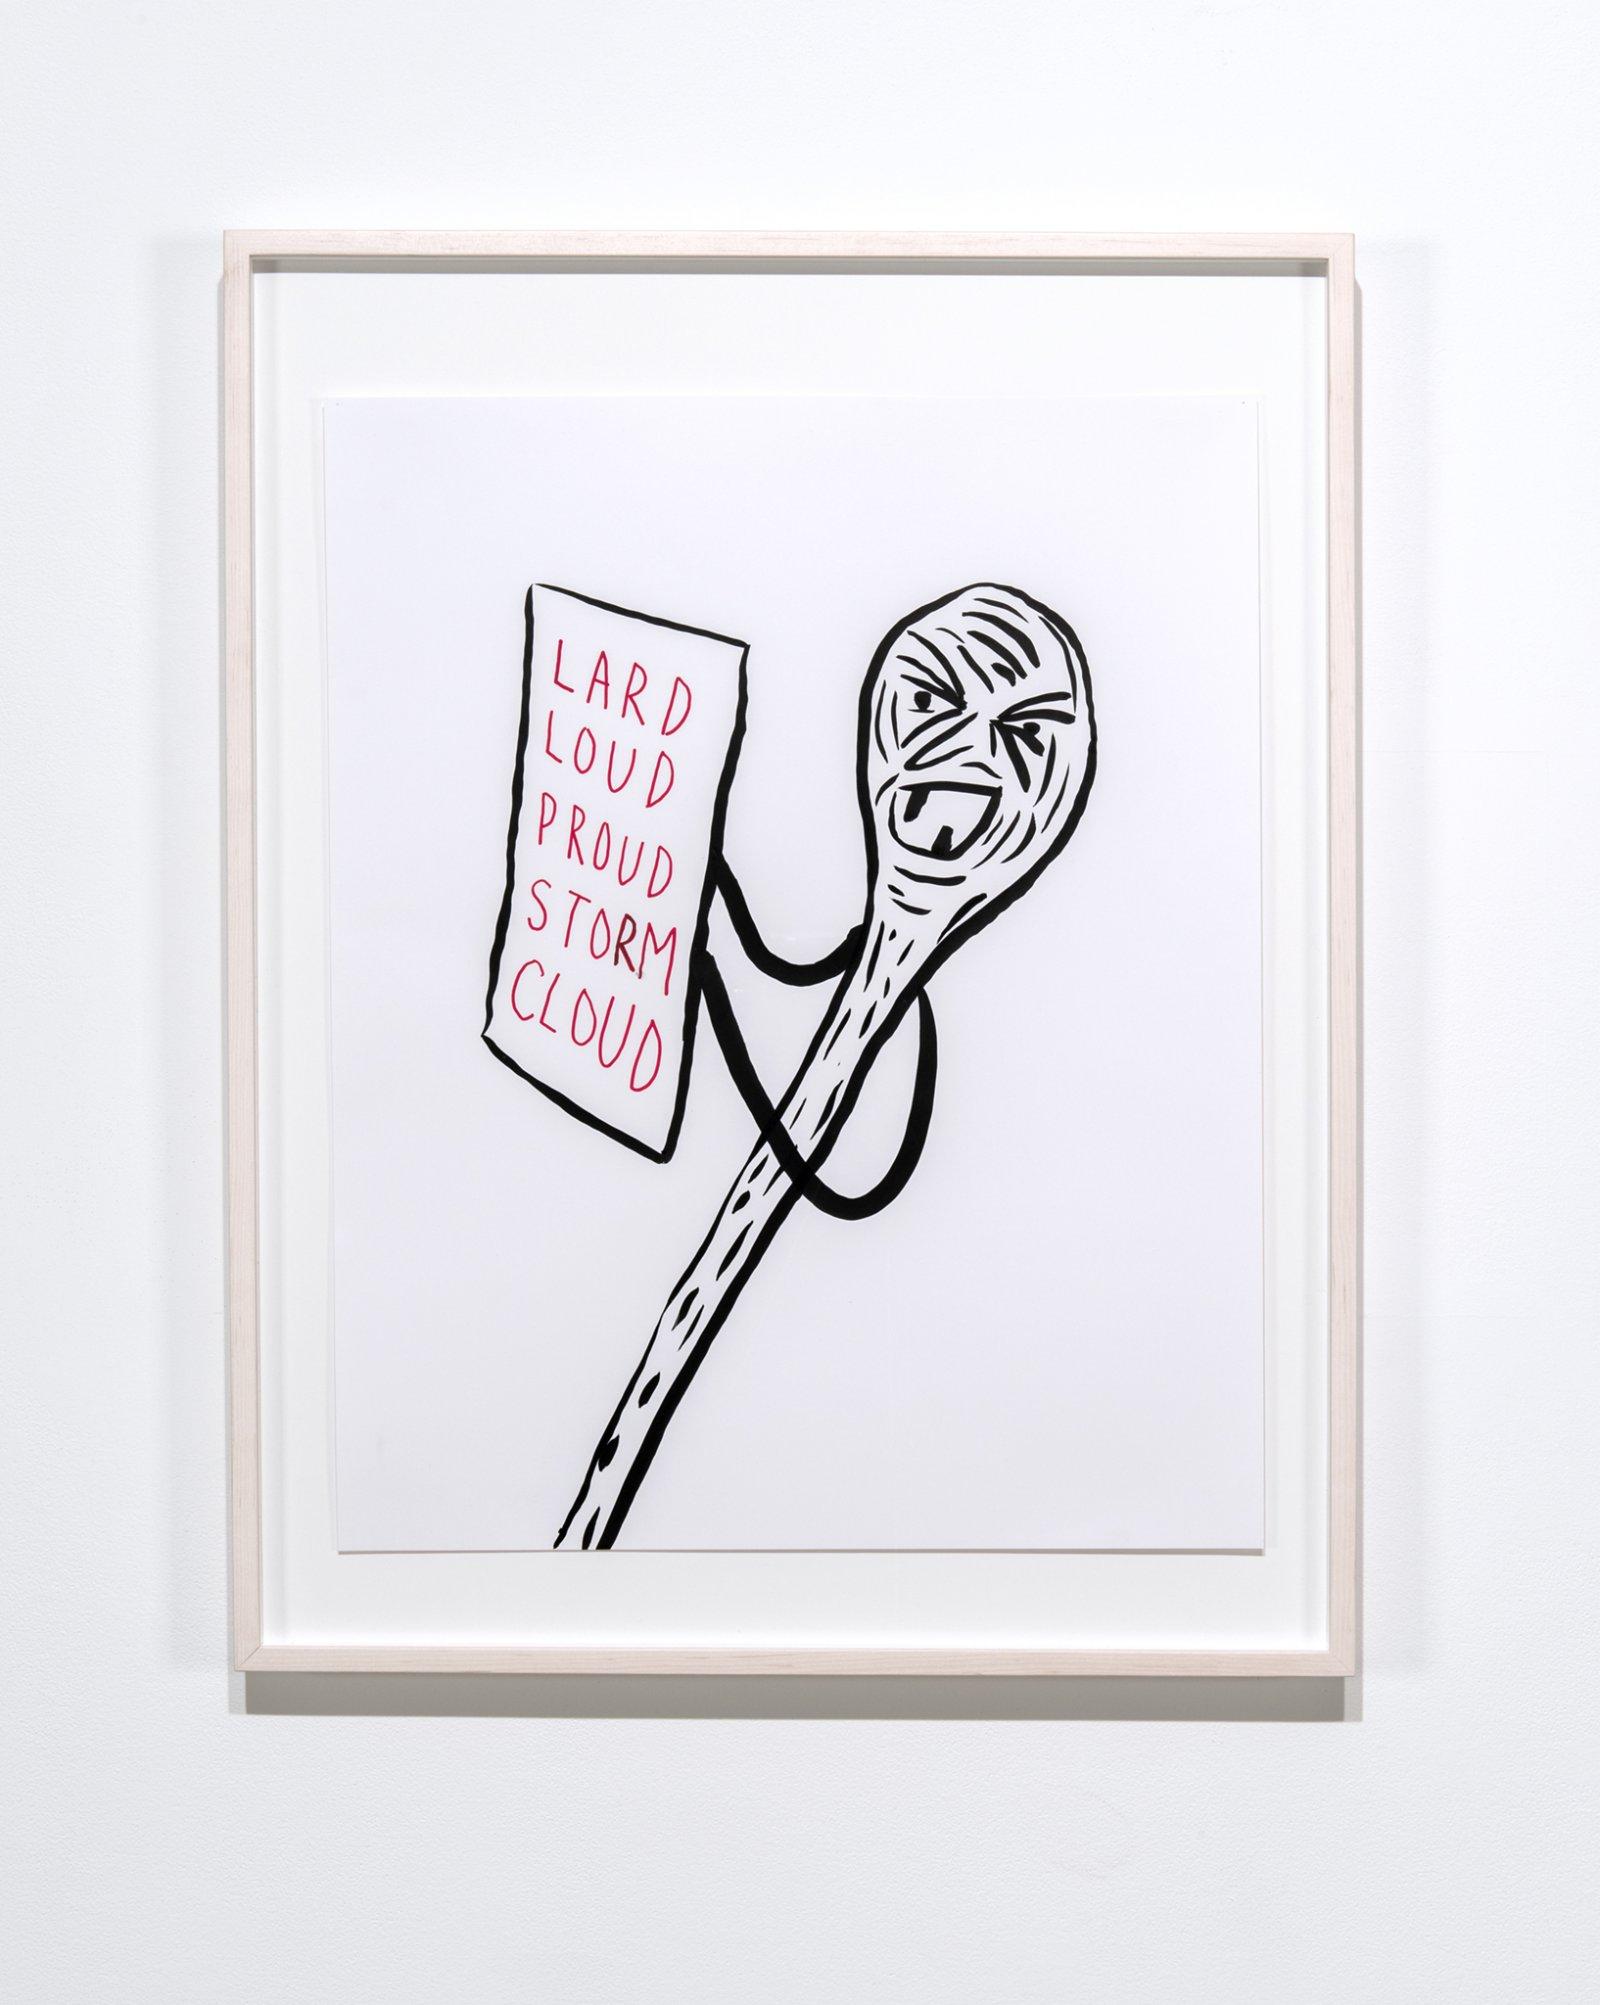 Geoffrey Farmer, LARD, LOUD, PROUD, STORM, CLOUD, 2017, ink on paper, 36 x 28 in. (90 x 70 cm) by Geoffrey Farmer